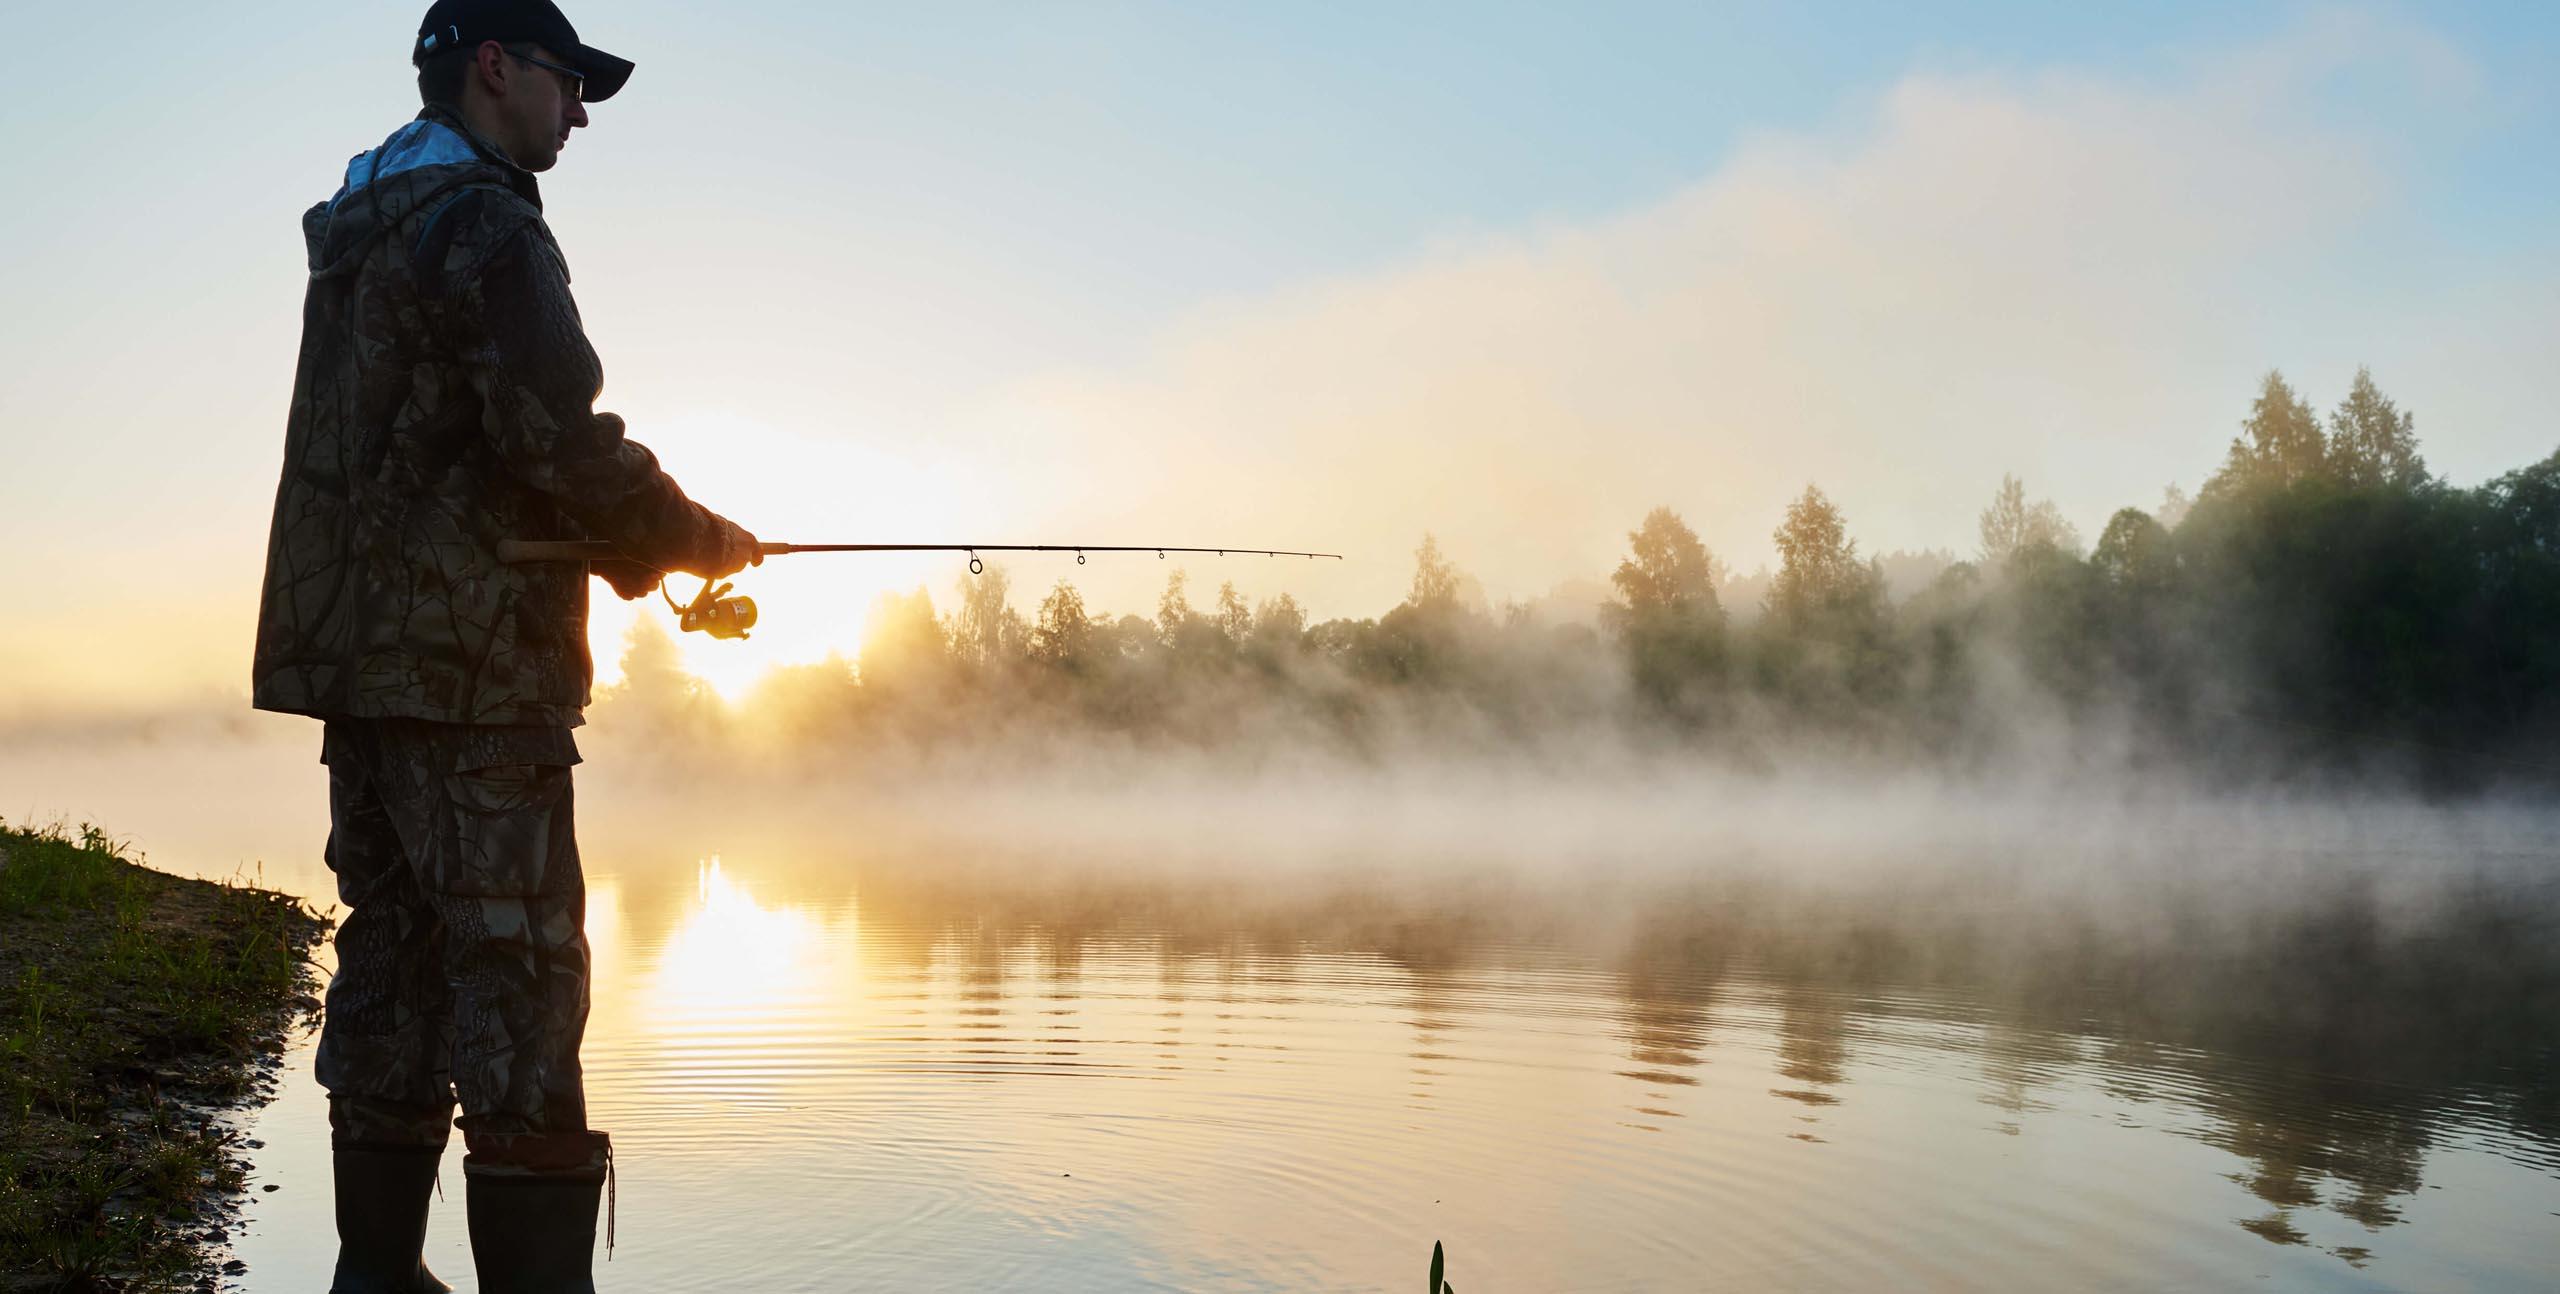 Рыбалка в нерест: список мест, где это разрешено | Бессарабия ...